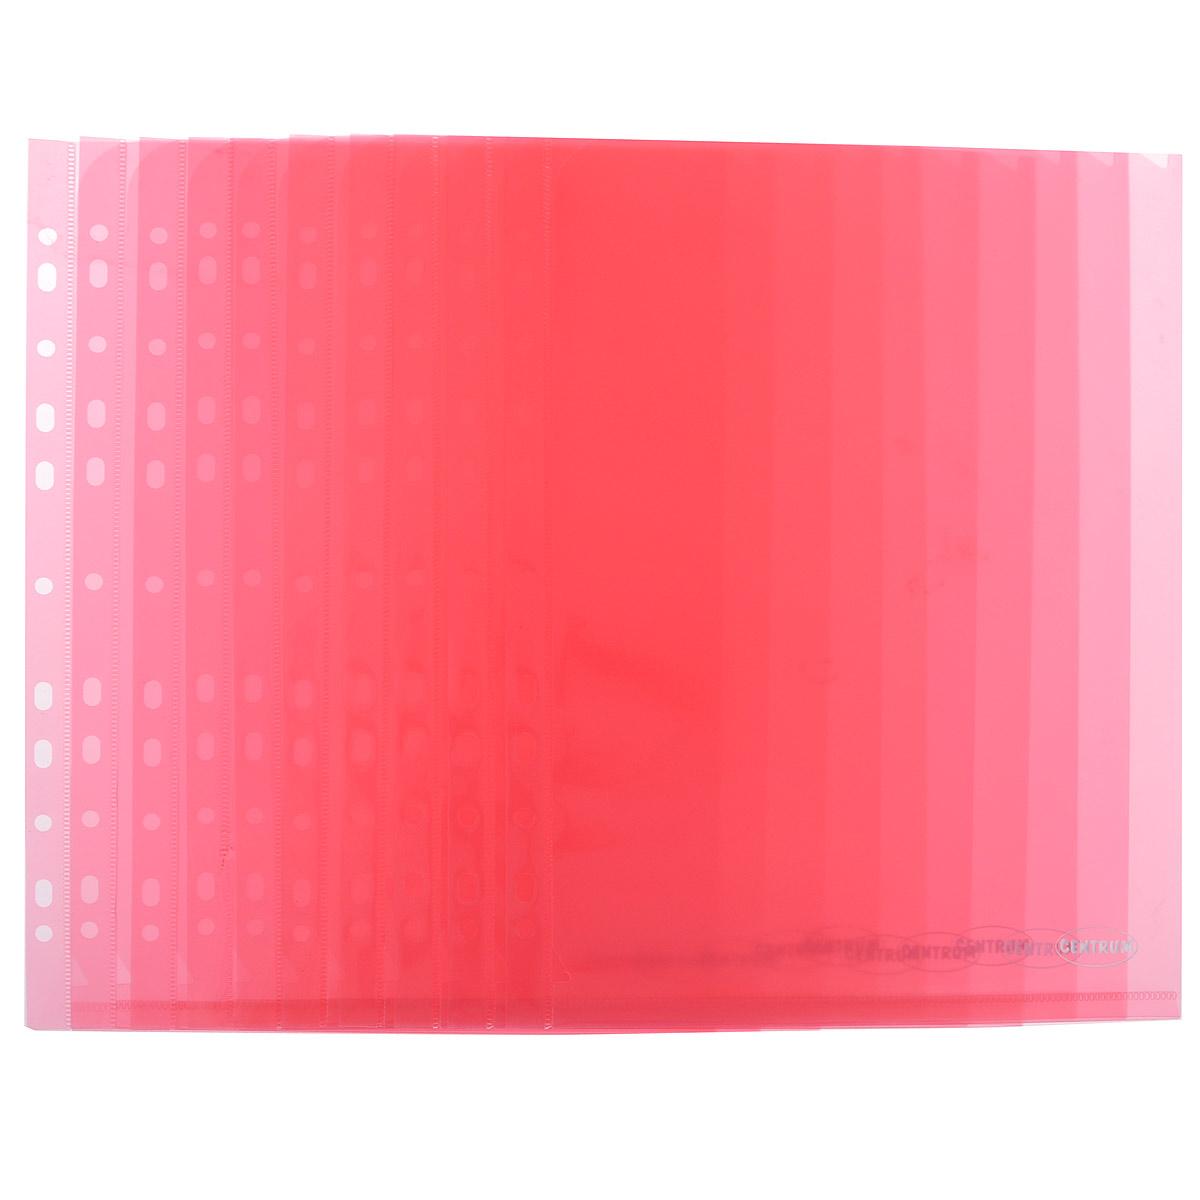 Папка-уголок Centrum, с перфорацией, цвет: красный. Формат А4, 10 шт80633 красныйПапка-уголок Centrum, с перфорацией - это удобный и функциональный офисный инструмент, предназначенный для хранения и транспортировки рабочих бумаг и документов формата А4. Папка изготовлена из полупрозрачного, прочного пластика, имеет перфорацию. В комплект входят 10 папок формата A4. Папка-уголок - это незаменимый атрибут для студента, школьника, офисного работника. Такая папка надежно сохранит ваши документы и сбережет их от повреждений, пыли и влаги.